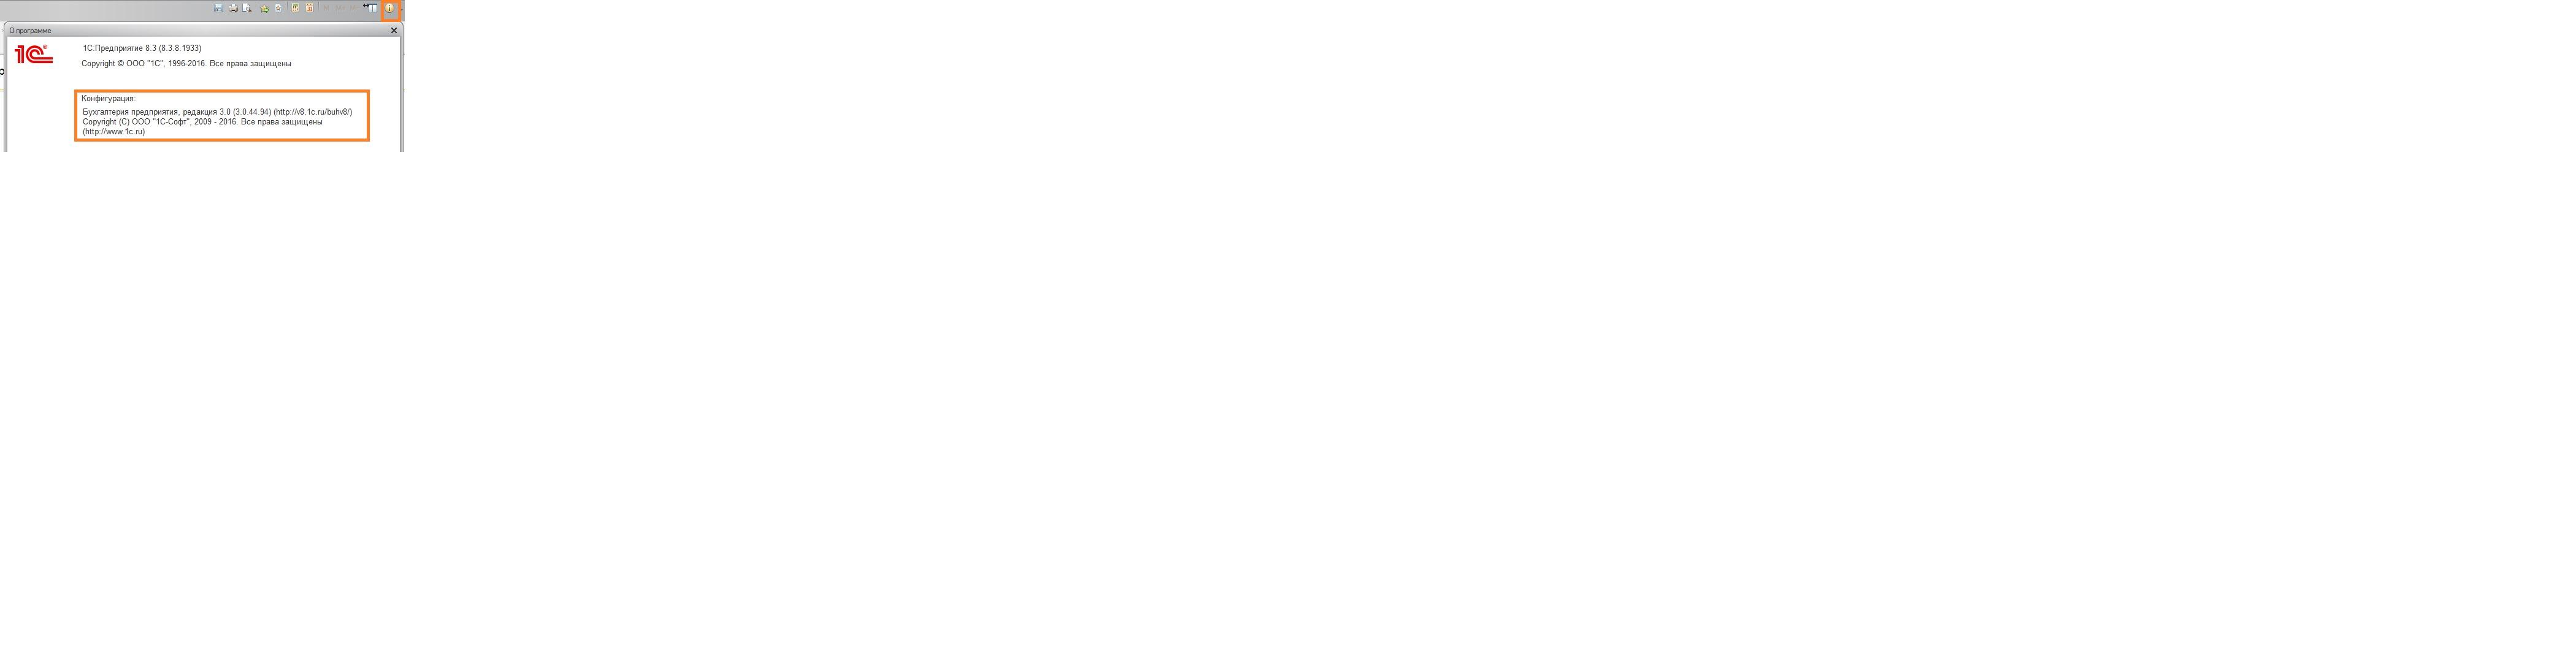 Как добавить кпп обособленного подразделения в 1с 8.3